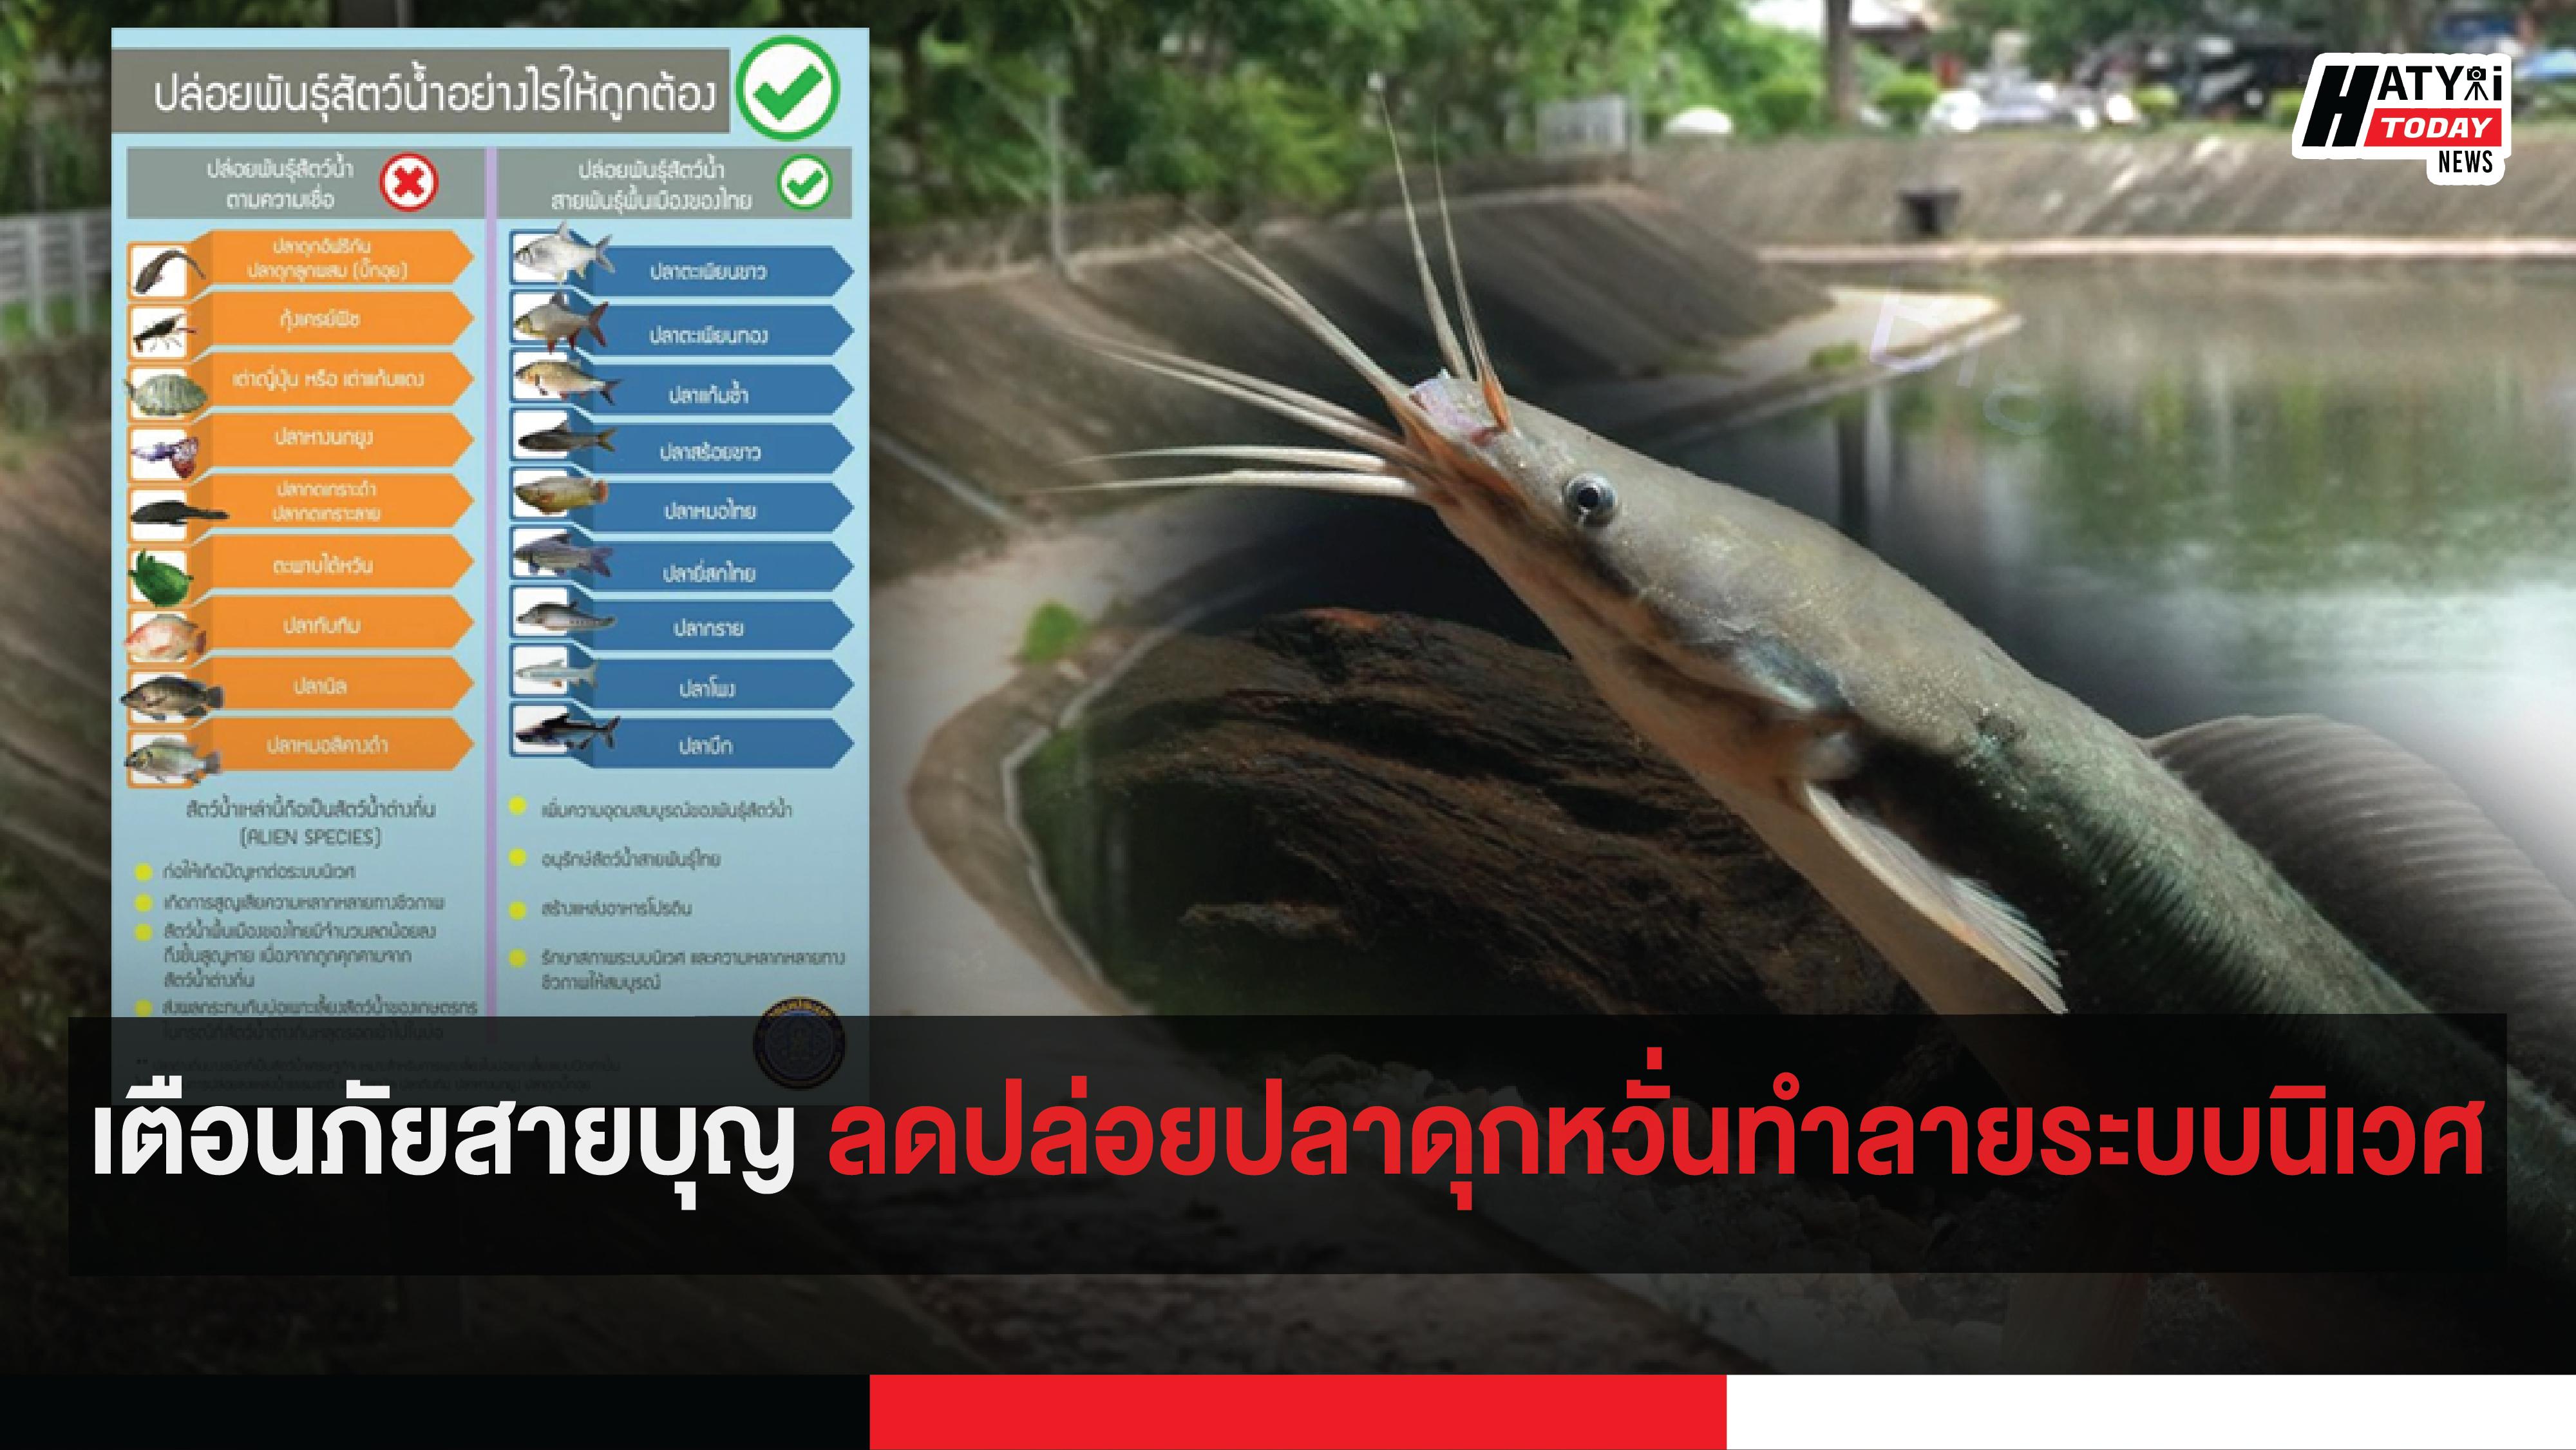 เตือนภัยสายบุญ ลดปล่อยปลาดุกหวั่นทำลายระบบนิเวศ